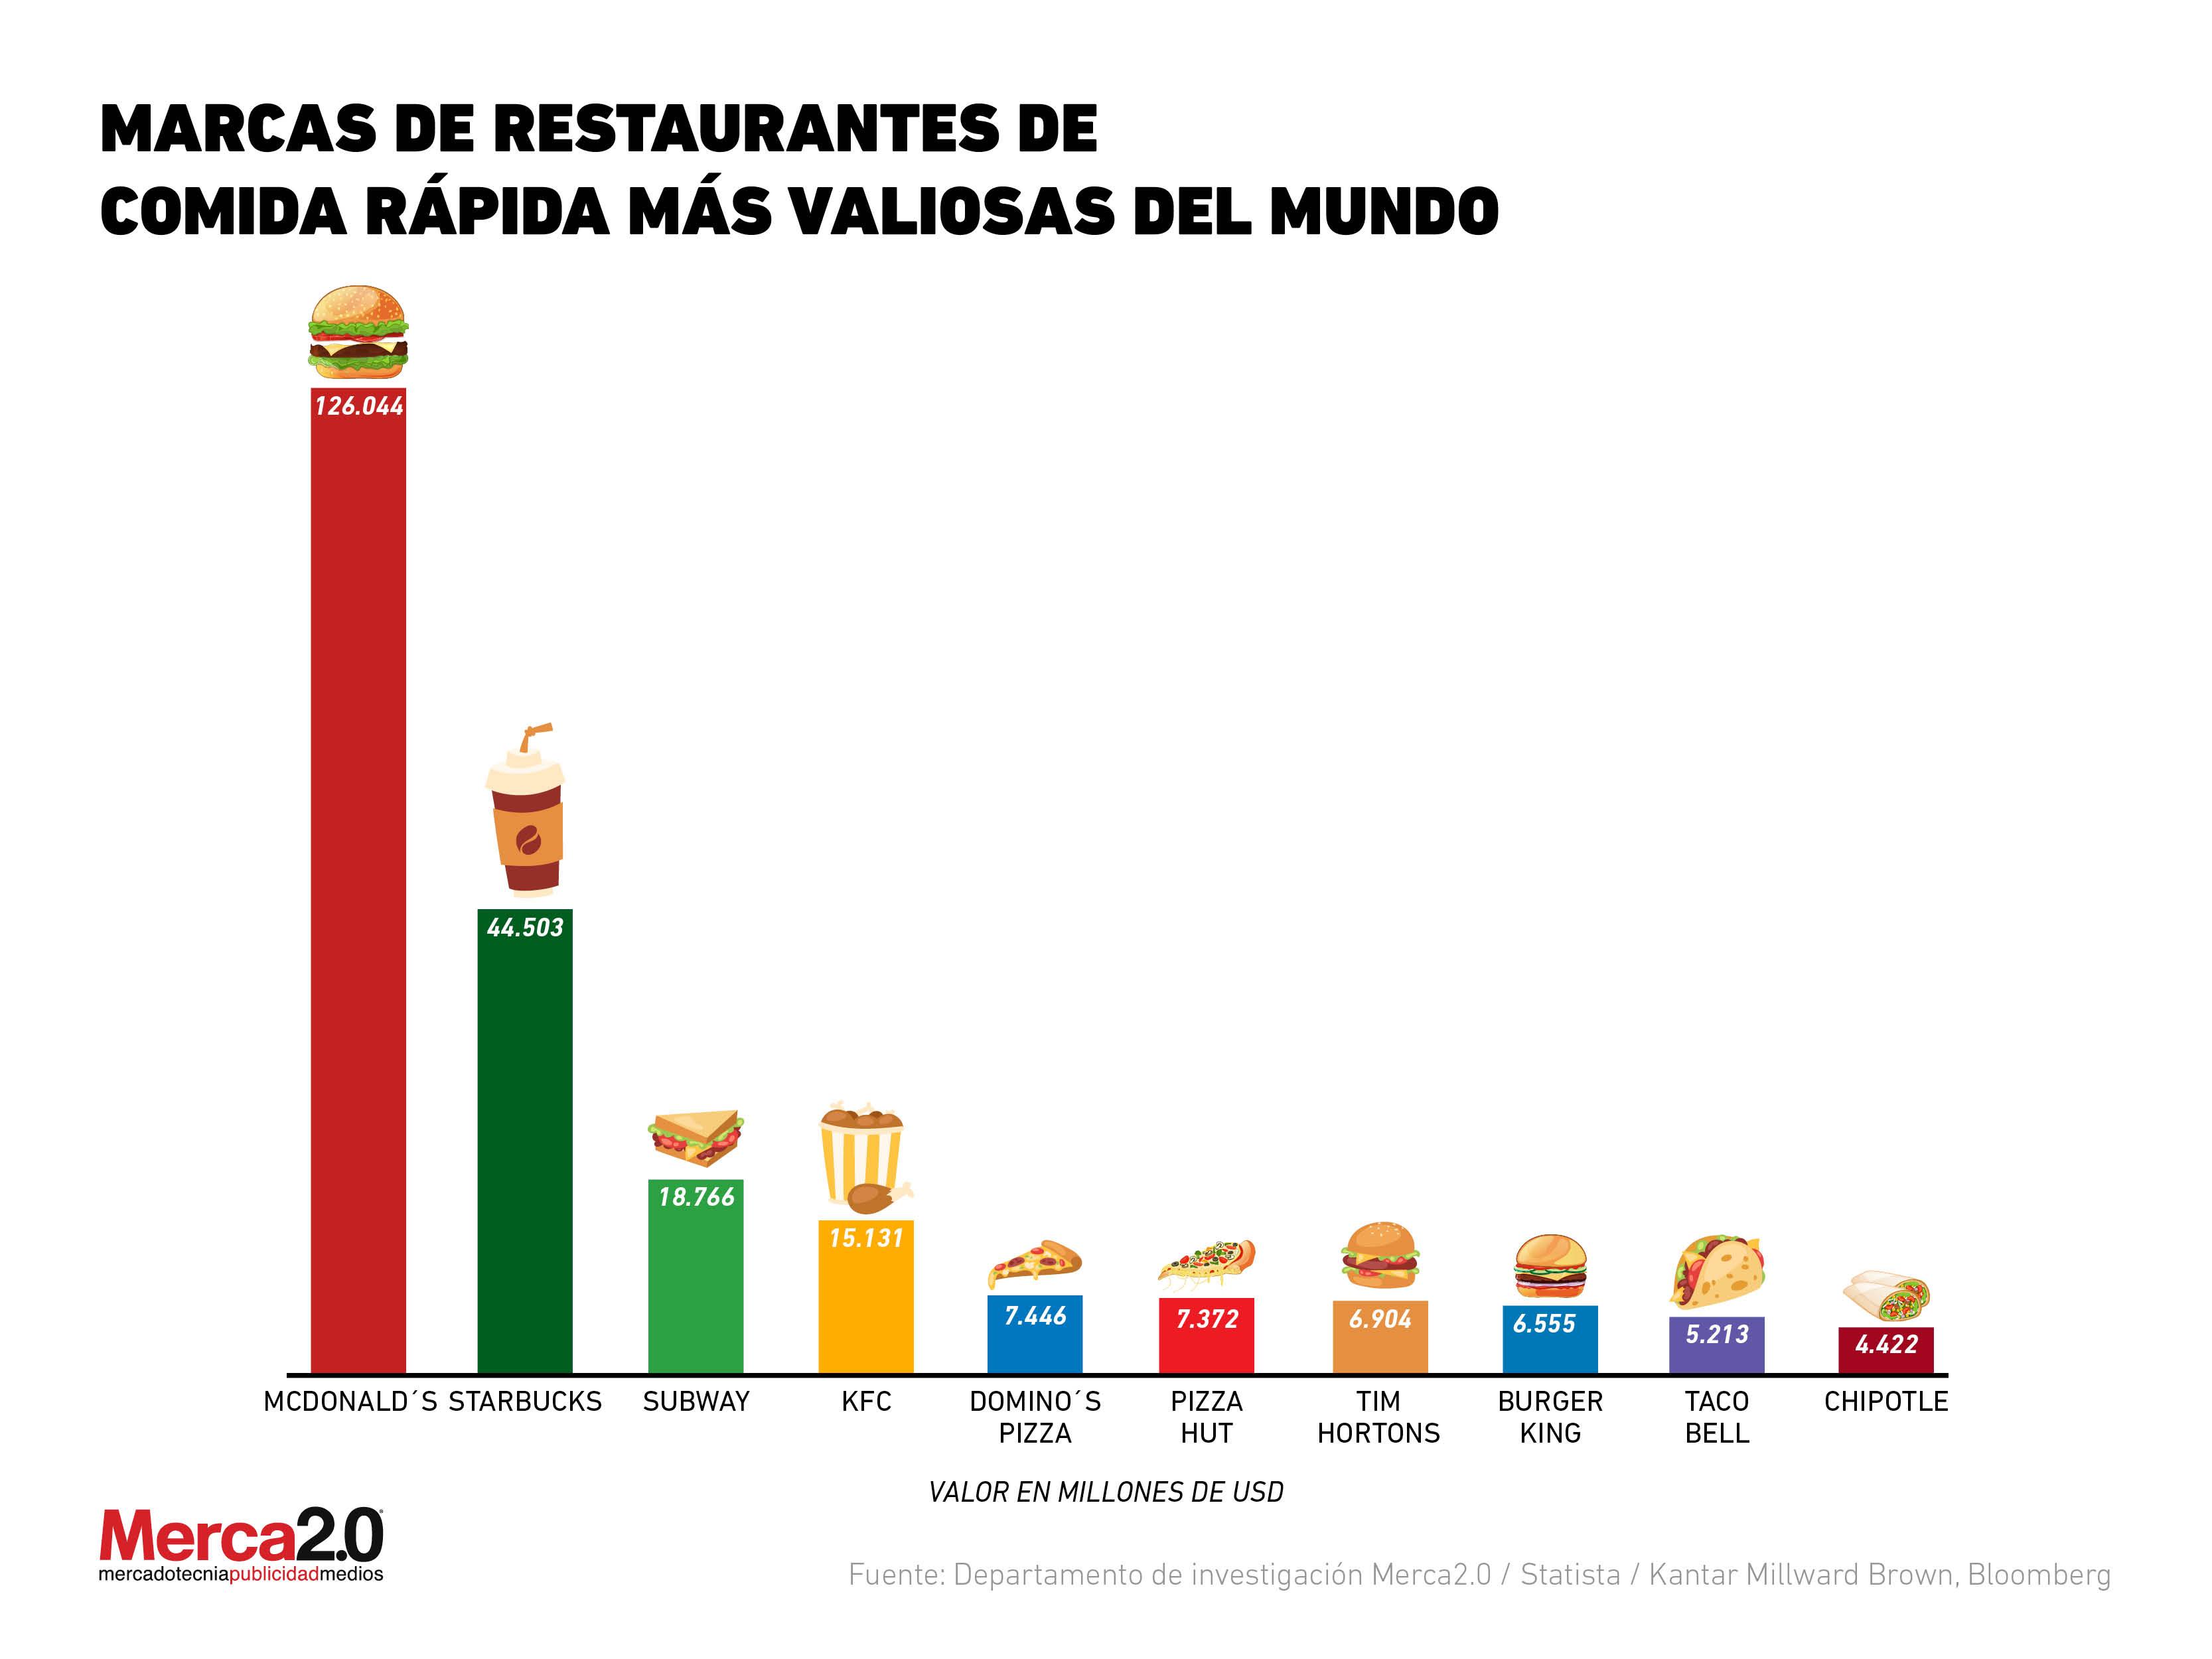 ¿Quién domina el mundo de las cadenas de comida rápida?